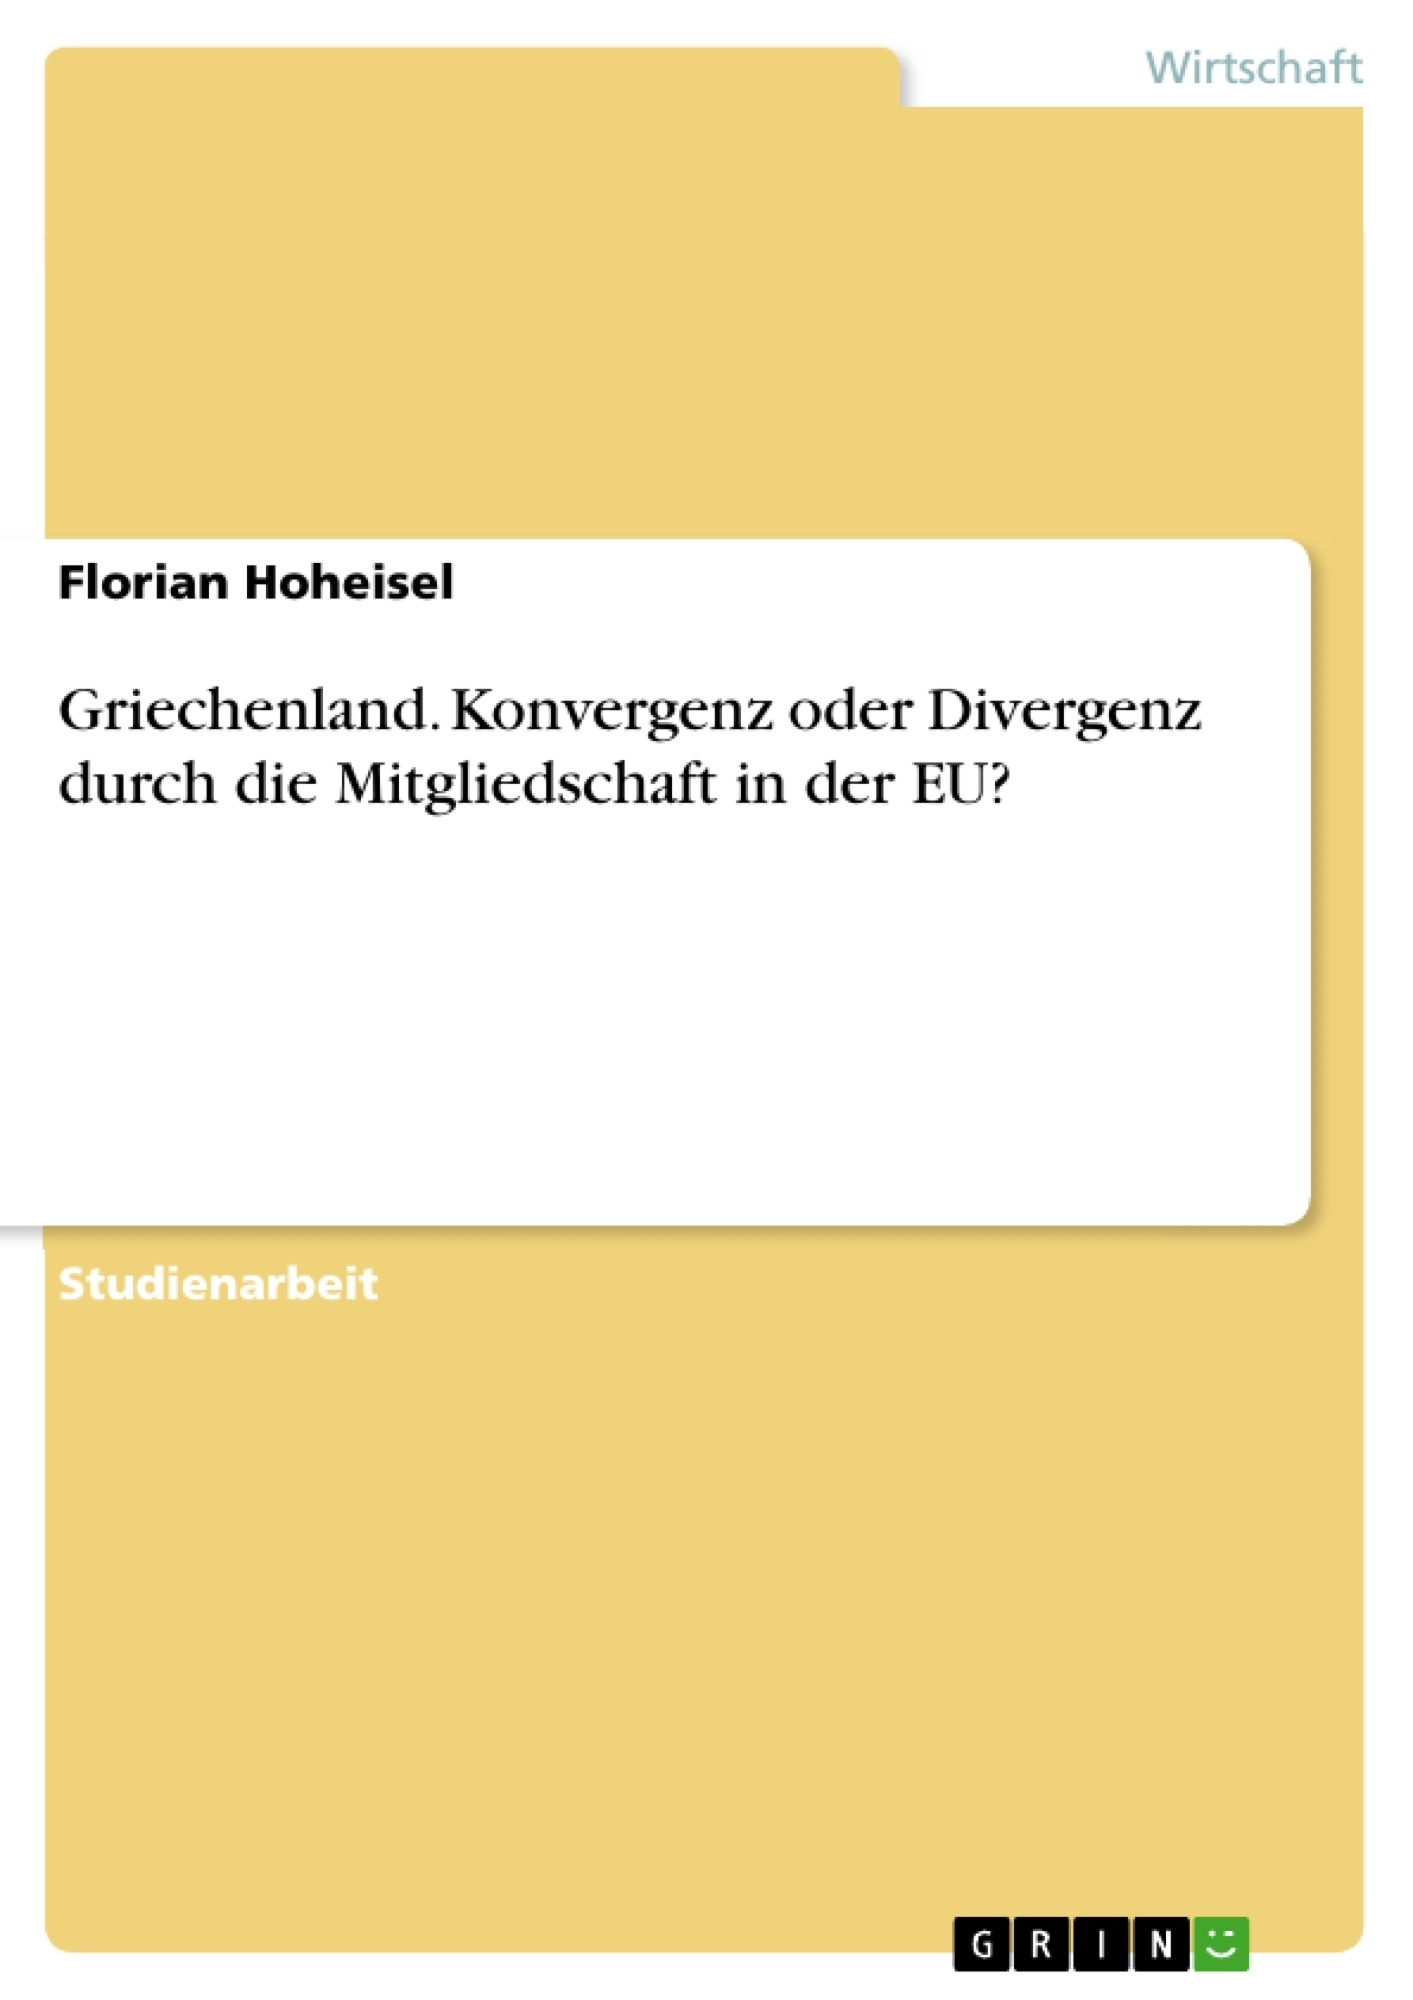 Titel: Griechenland. Konvergenz oder Divergenz durch die Mitgliedschaft in der EU?